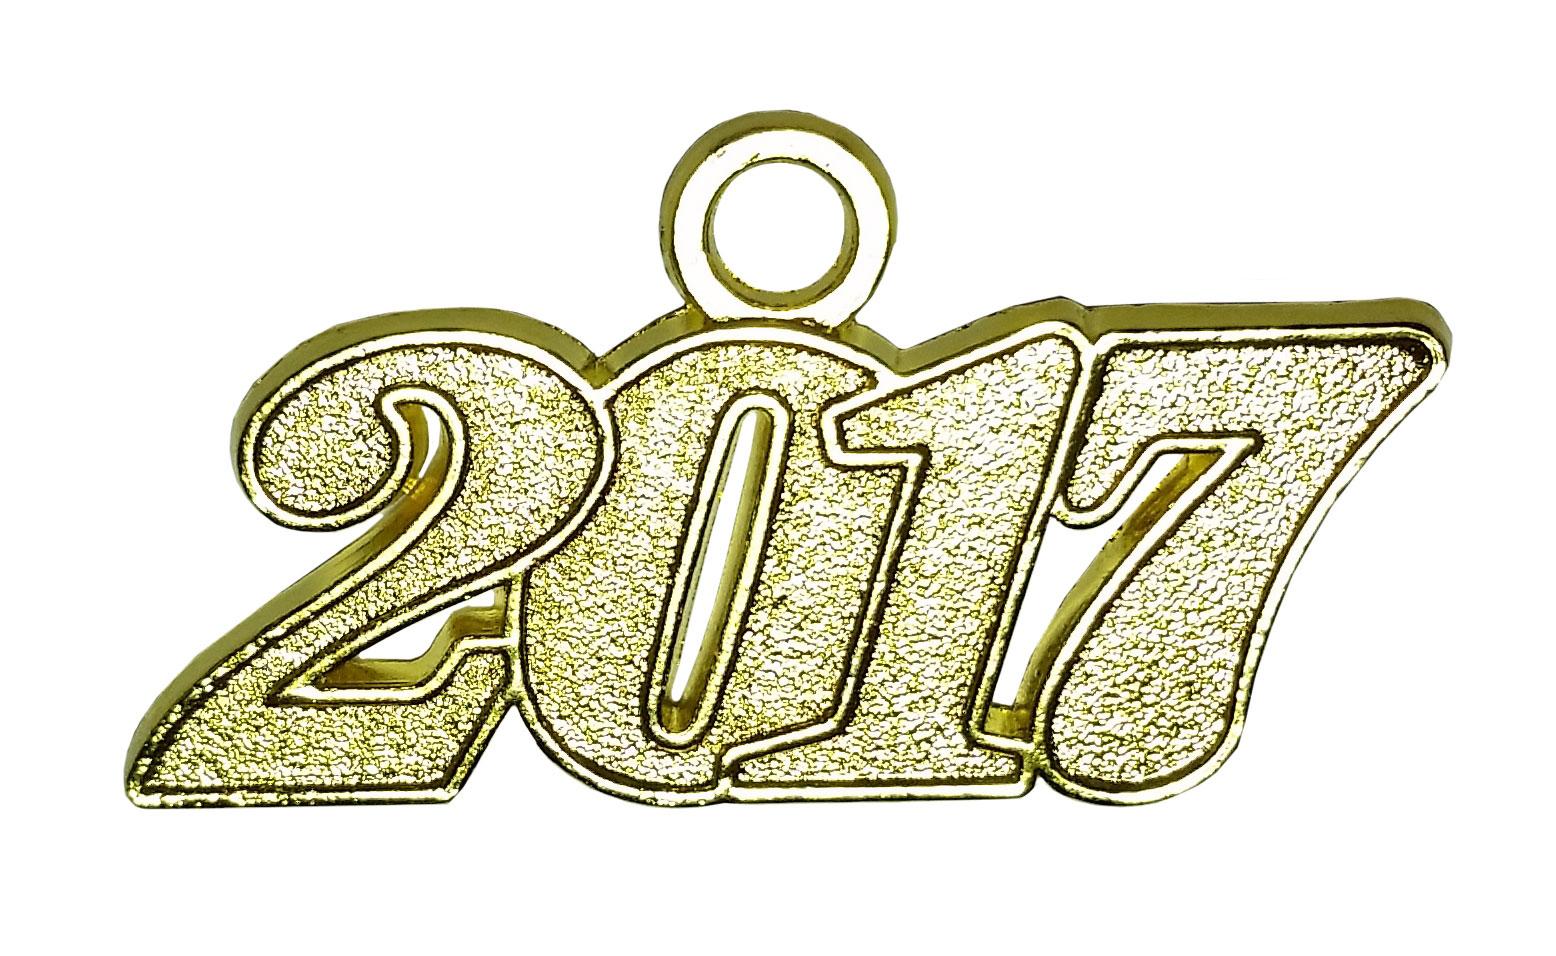 Jahreszahlanhänger für Quaste 2017